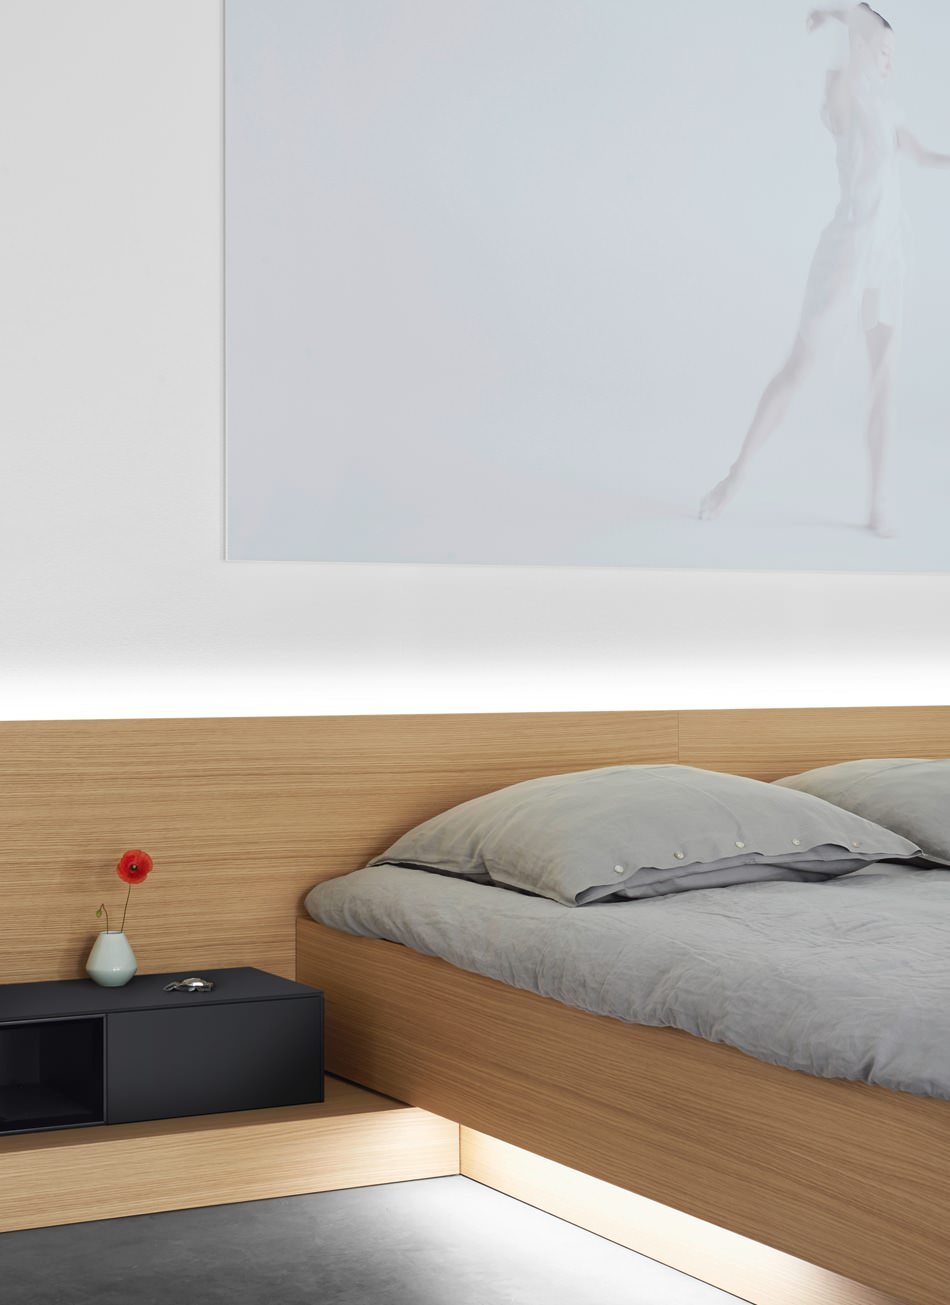 kettnaker_bedden_bed_06 - Ploemen Interieur